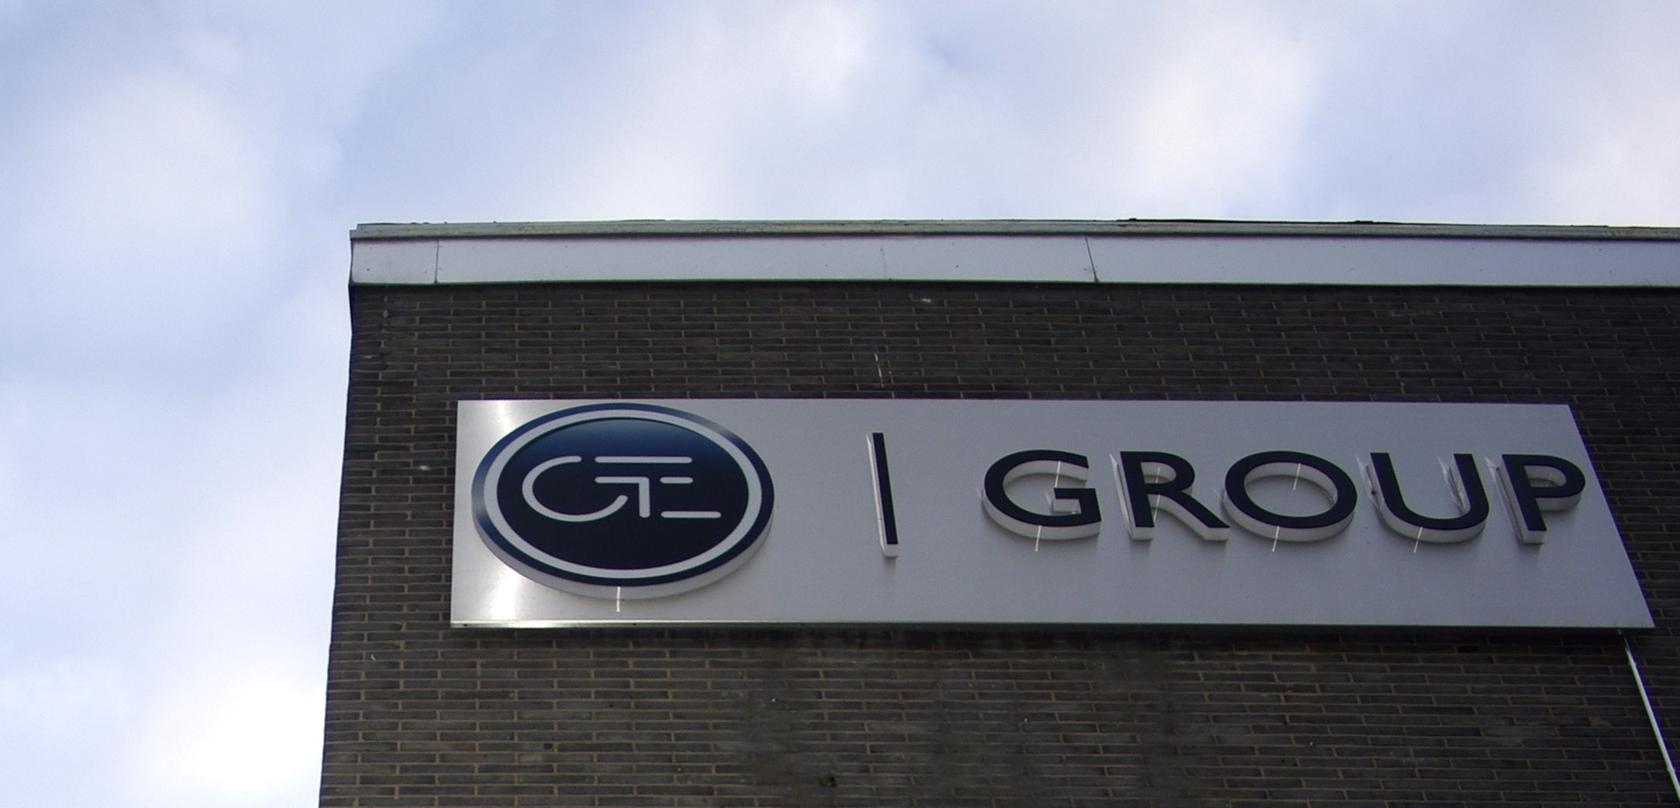 Nach 94 Verhandlungstagen ist der GFE-Prozess zu Ende. Firmengründer Horst K. wurde dabei zu neun Jahren Haft verurteilt. (Archivbild).